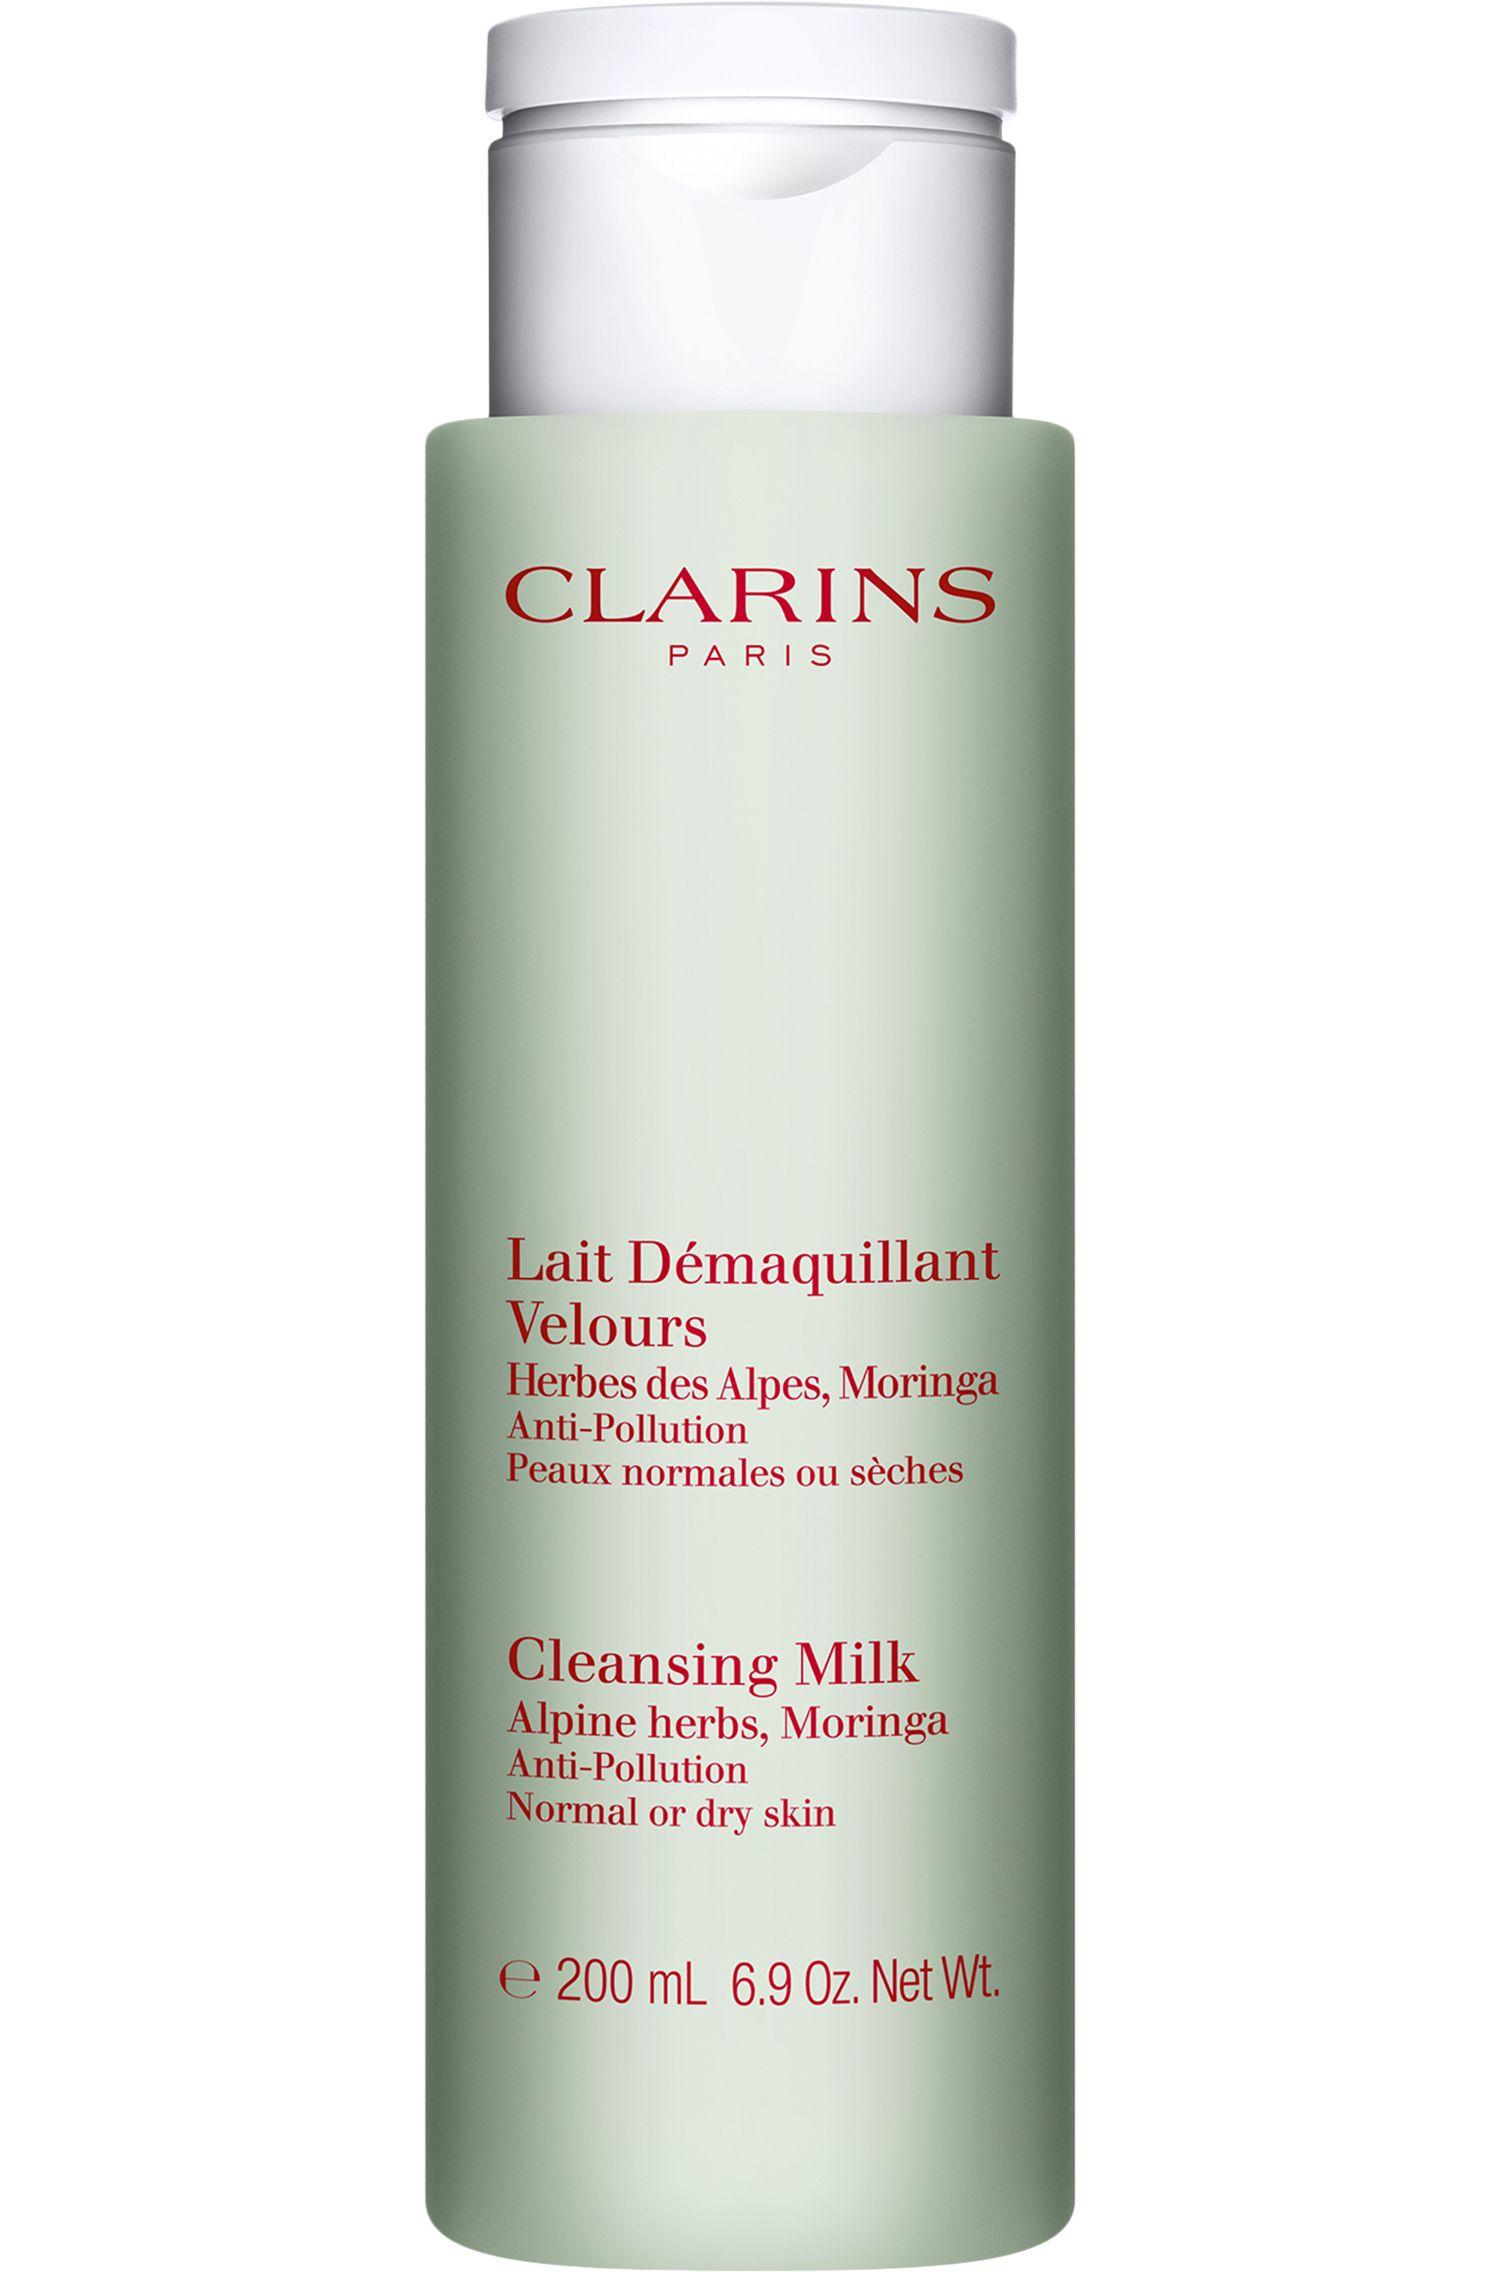 Blissim : Clarins - Lait démaquillant velours peaux sèches - Lait démaquillant velours peaux sèches